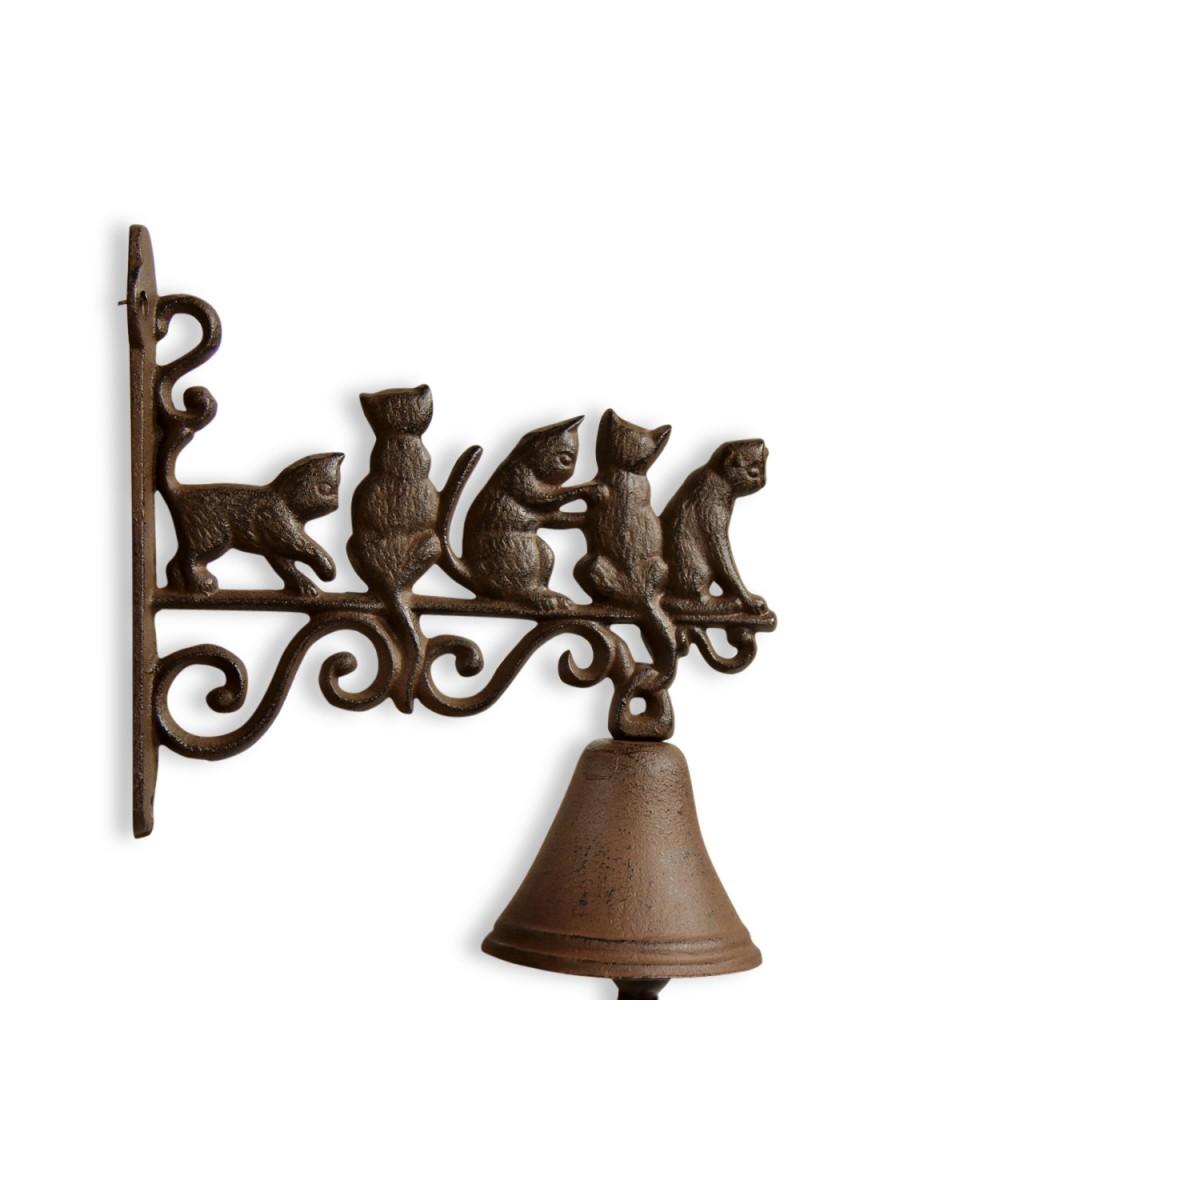 Cloche Chats Fonte Marron 20.5x9x27cm